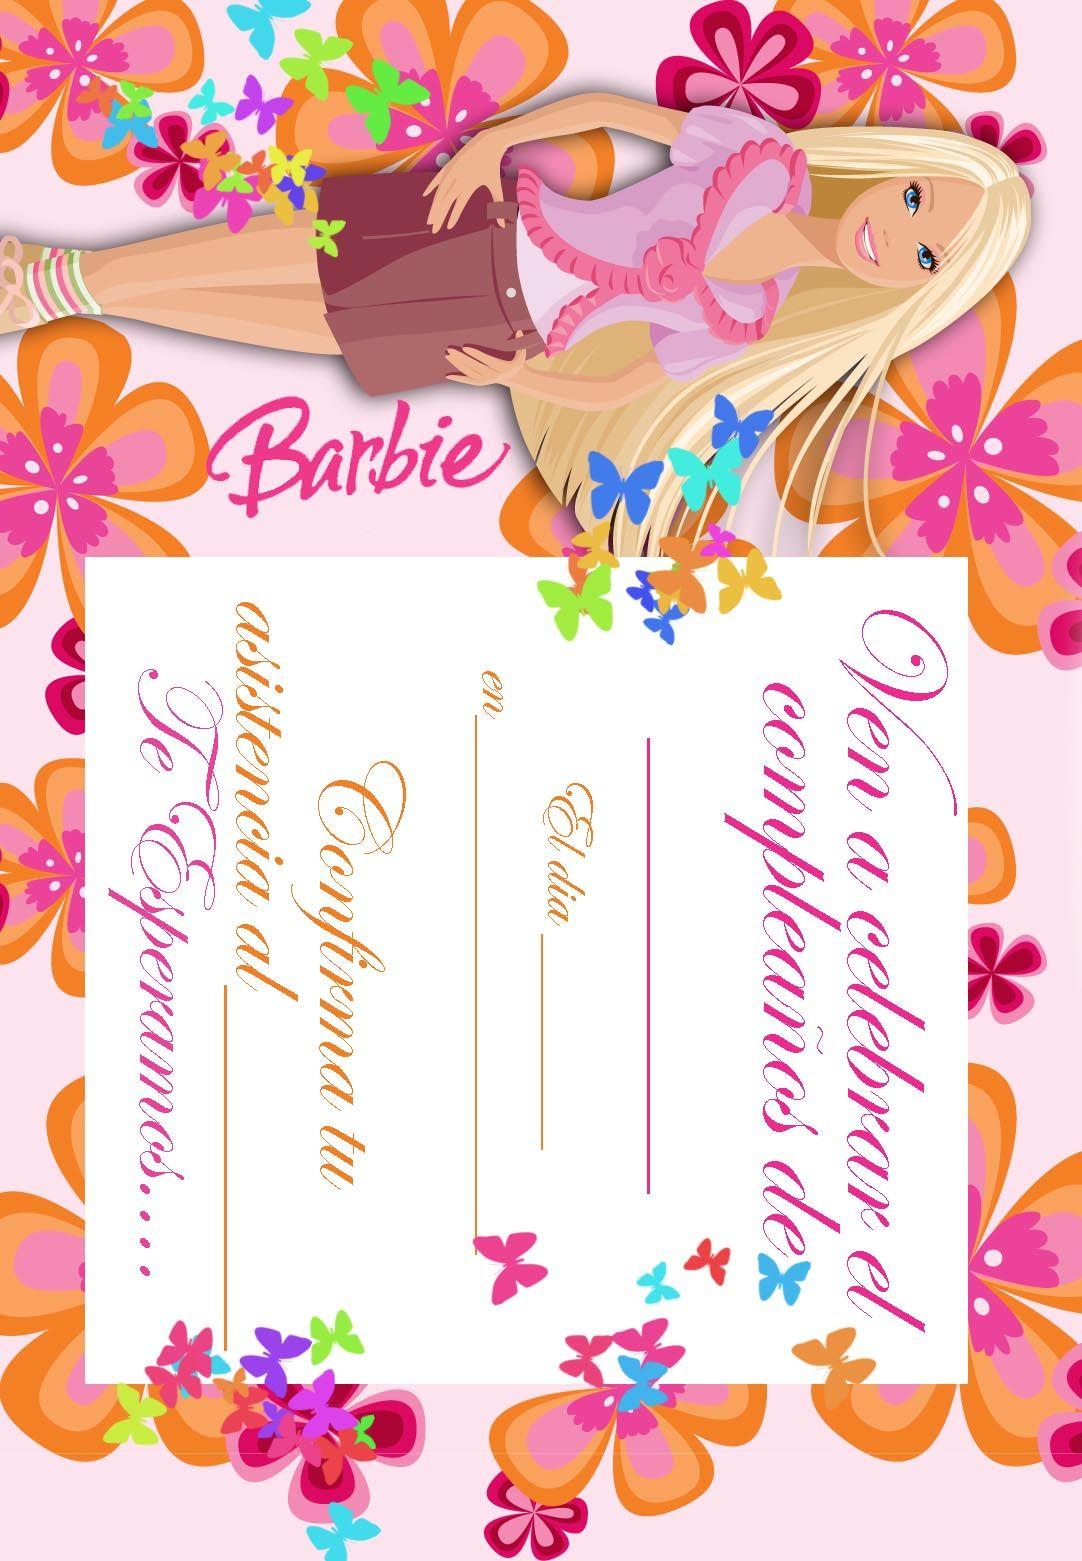 BARBIE COLORING PAGES: Imprimir gratuitamente tarjetas de invitación ...